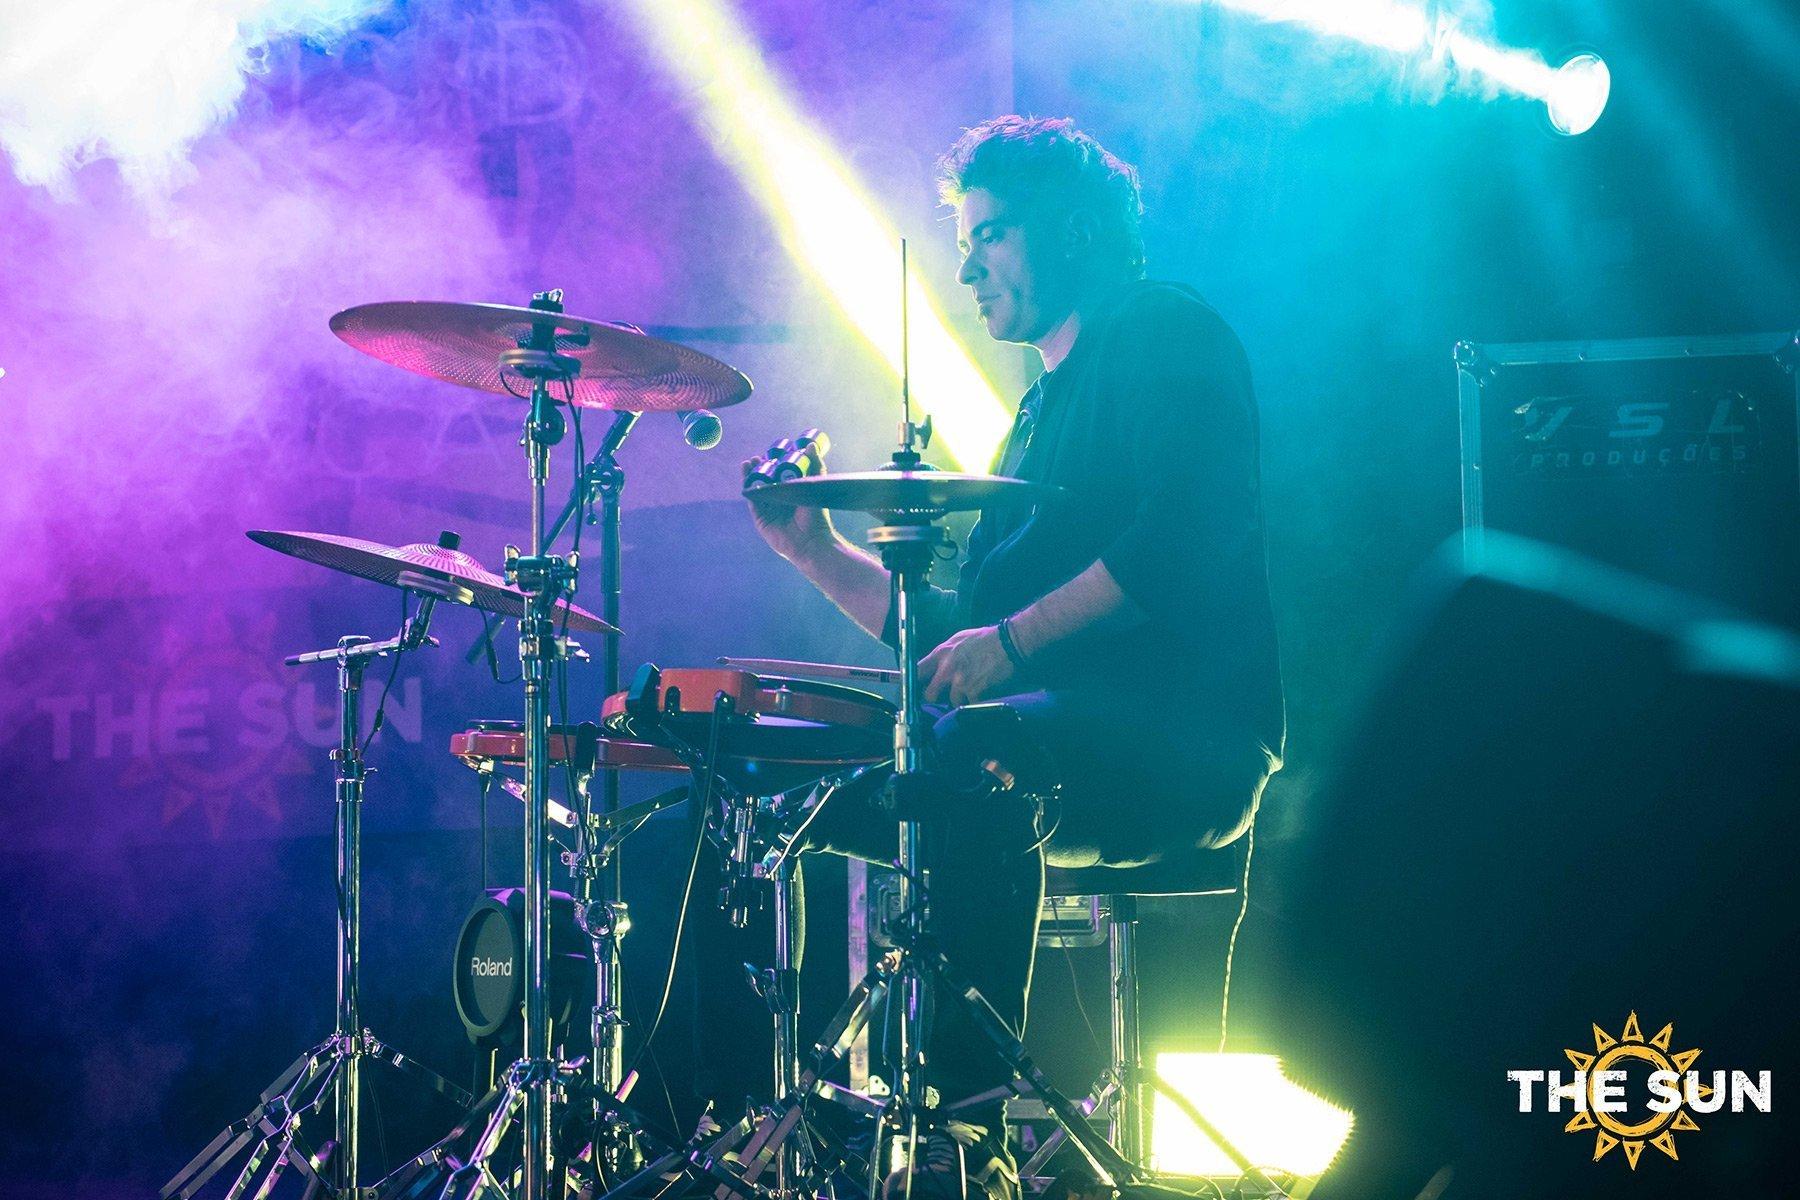 the sun rock band live portobello